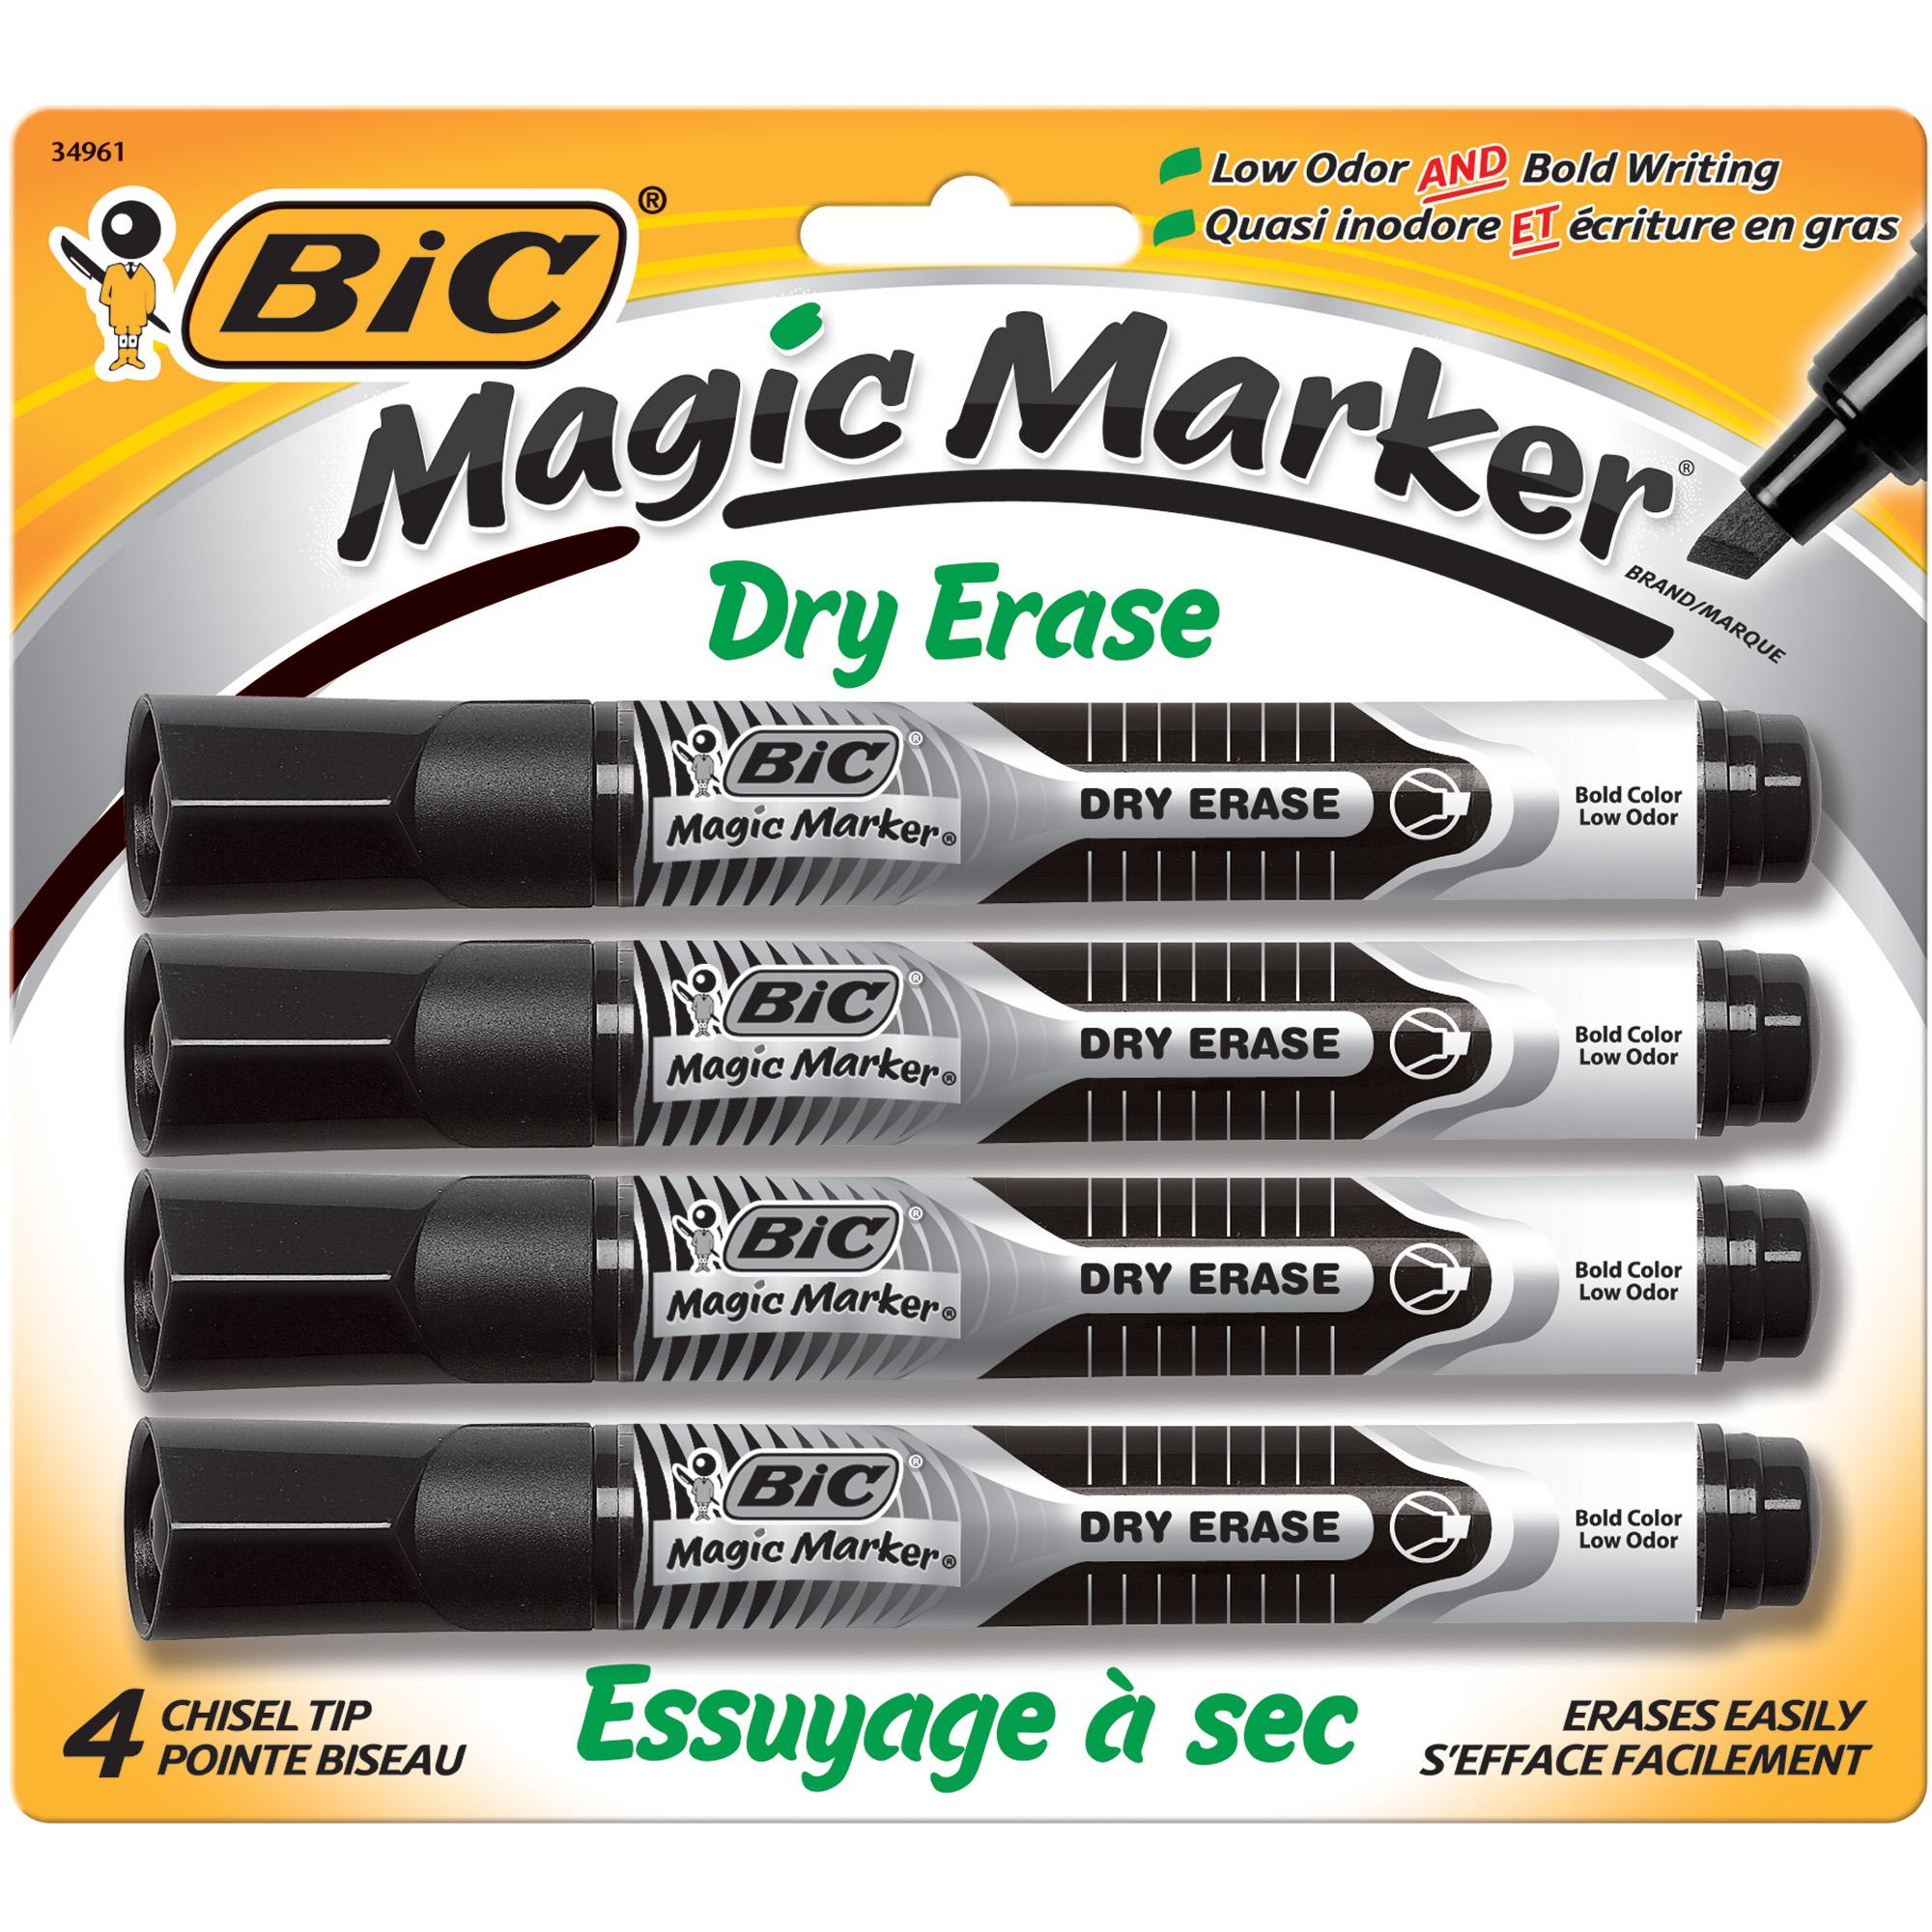 Details About Bic Magic Marker Brand Dry Erase Marker Chisel Tip Black 4 Pack